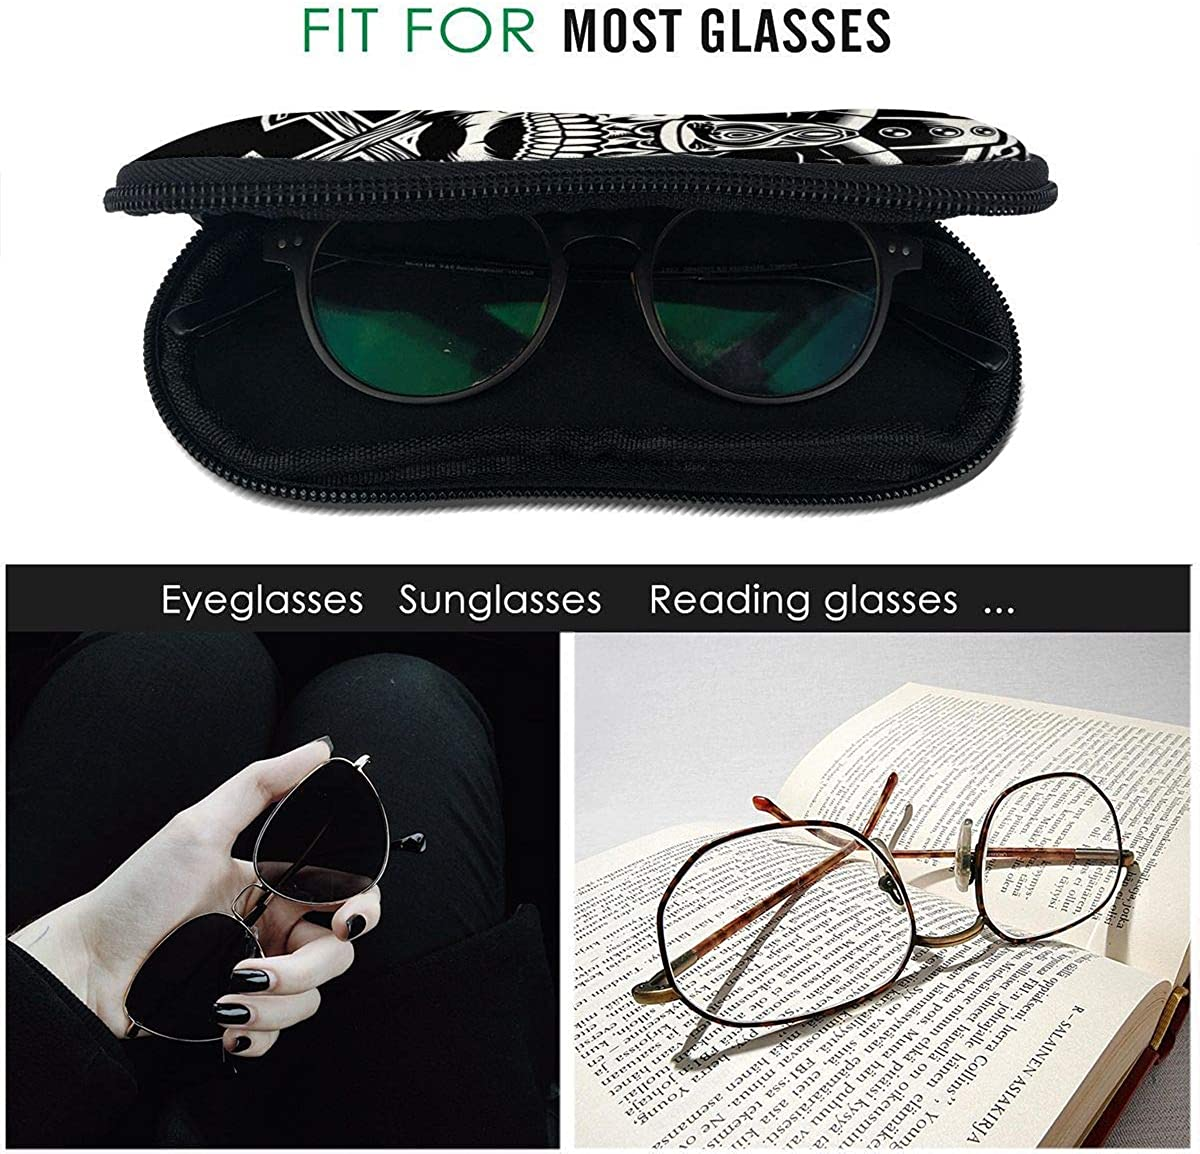 HHJJI Sonnenbrille Soft Case Ultraleichter Neoprensch/ädel des Wikinger-Kriegers mit gekreuzten /Äxten Rei/ßverschluss Brillenetui mit G/ürtelclip